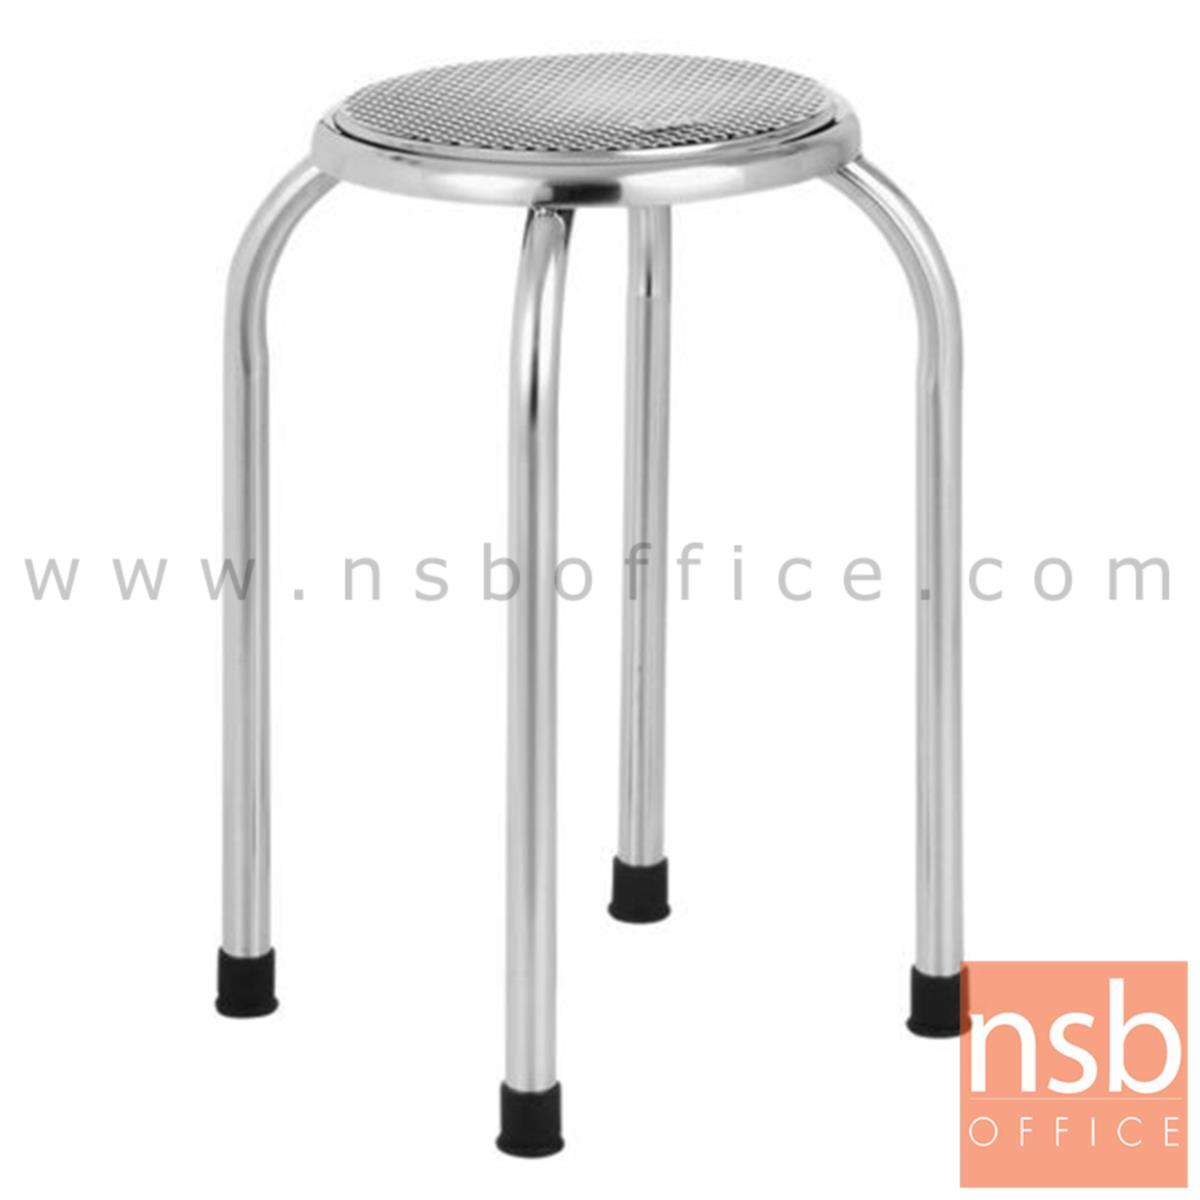 G12A071:เก้าอี้สตูลกลมที่นั่งสเตนเลส รุ่น Sargant (ซาแกนต์) 28Di*49H cm. สเตนเลสล้วน